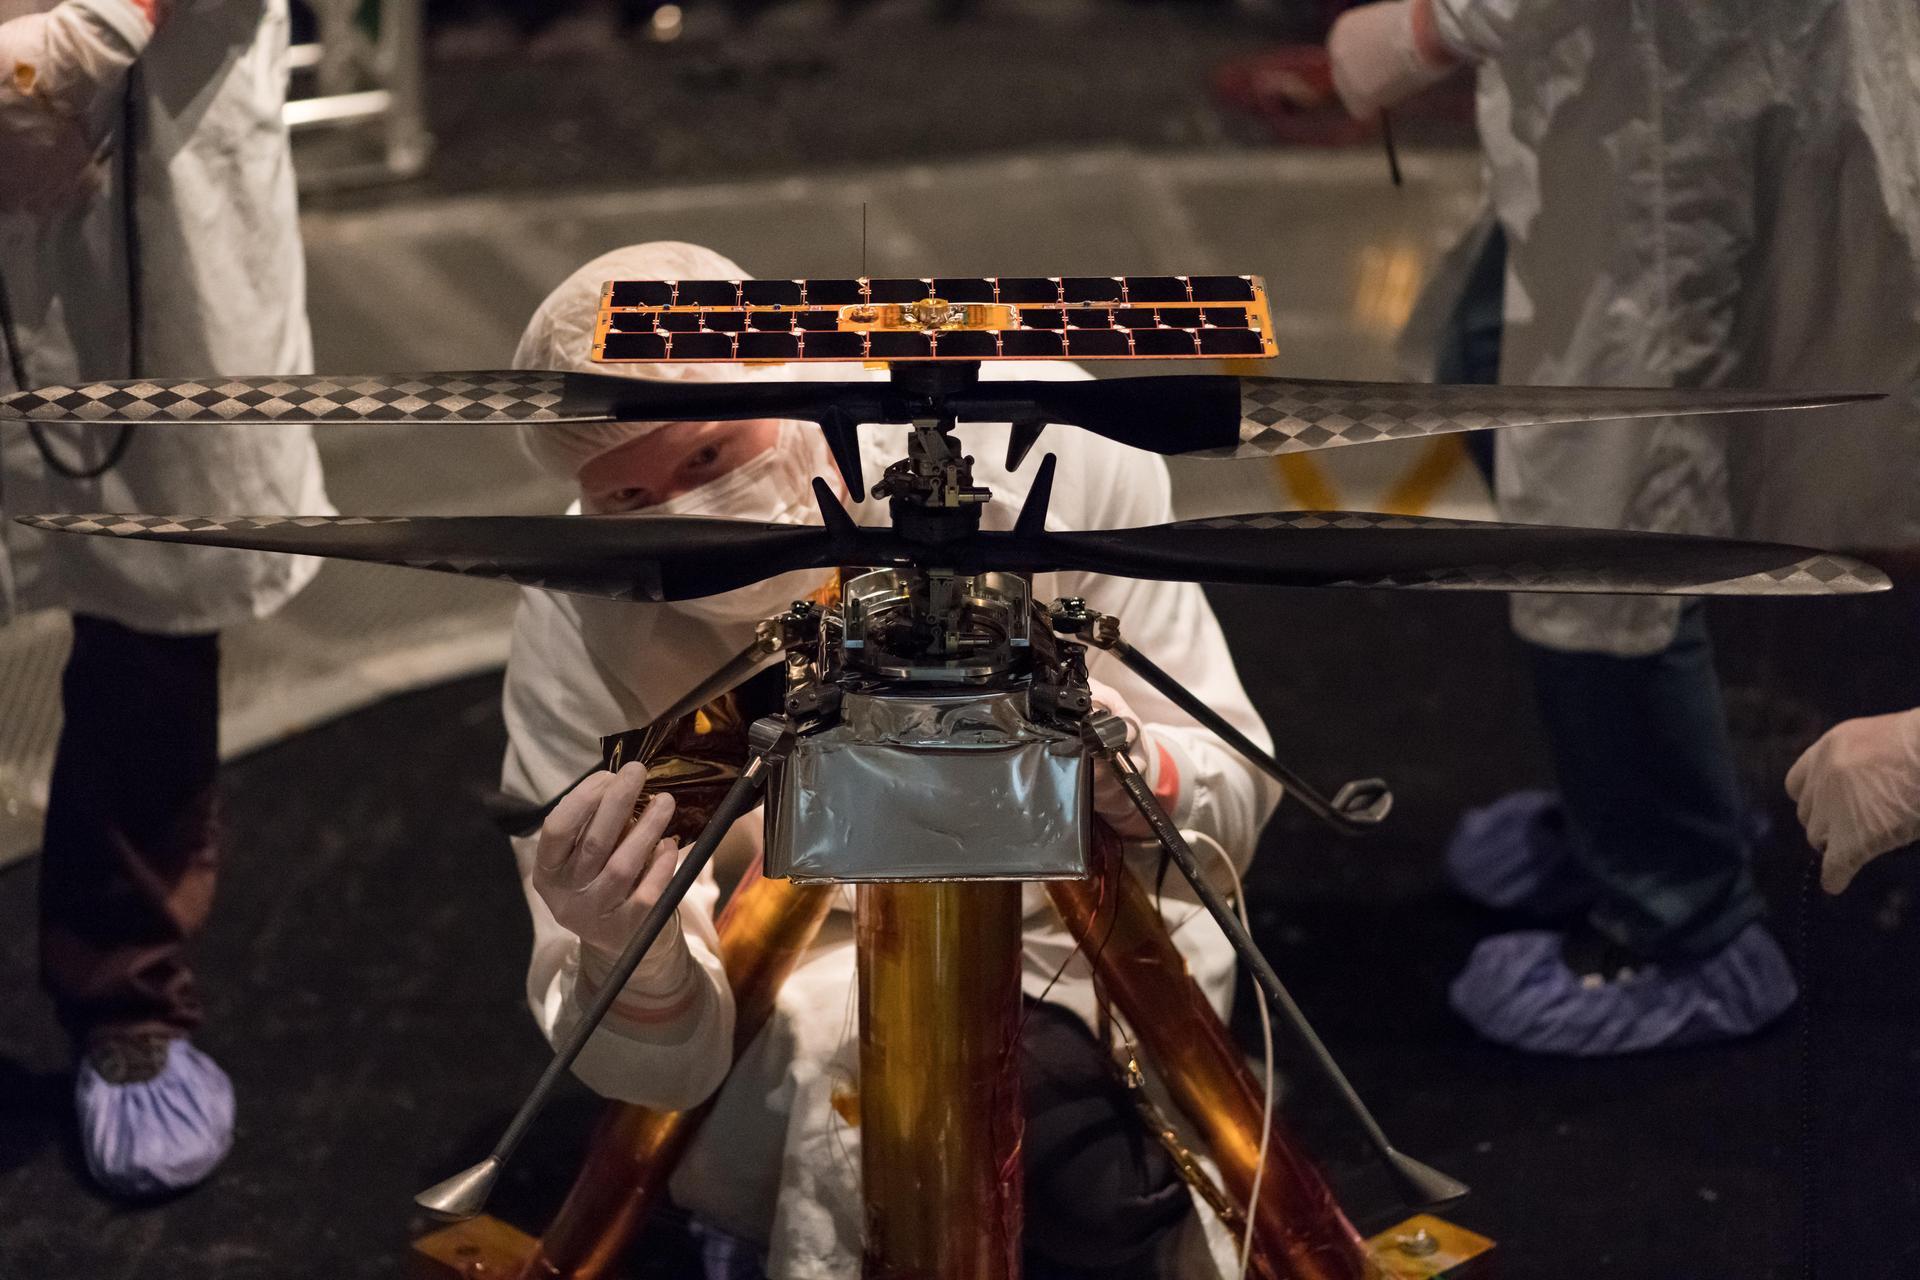 О первом марсианском вертолёте: интервью с разработчиком Ingenuity 1